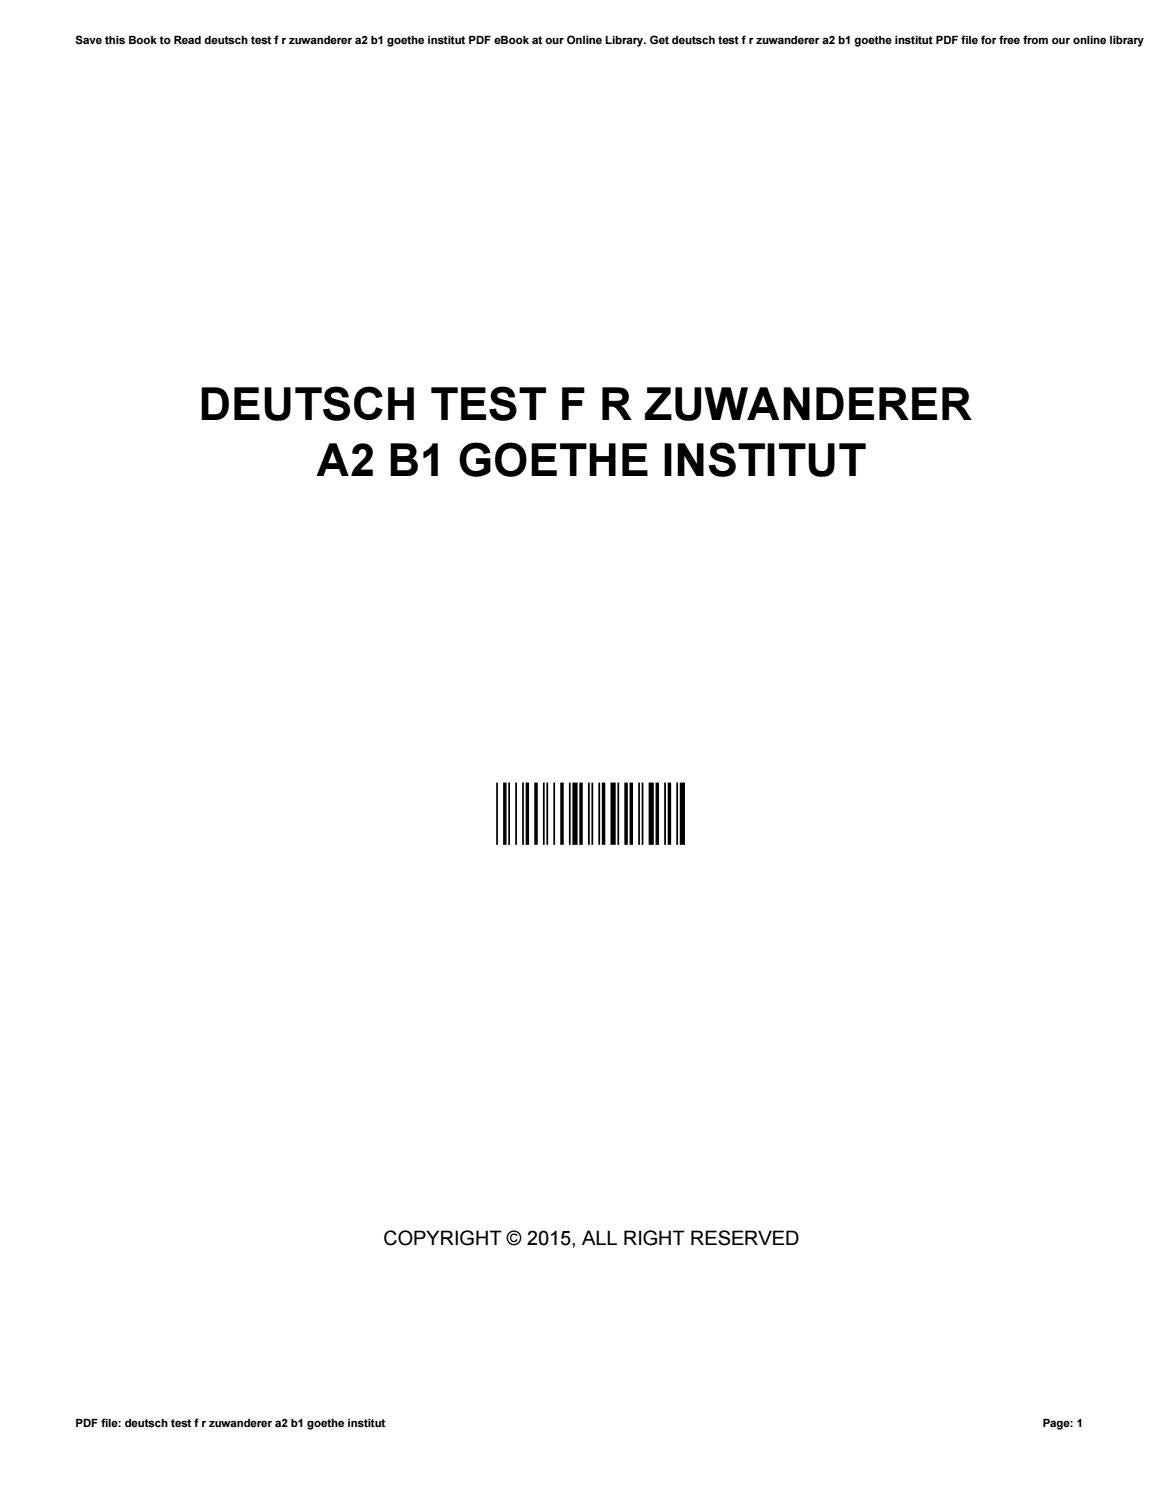 Deutsch test f r zuwanderer a2 b1 goethe institut by